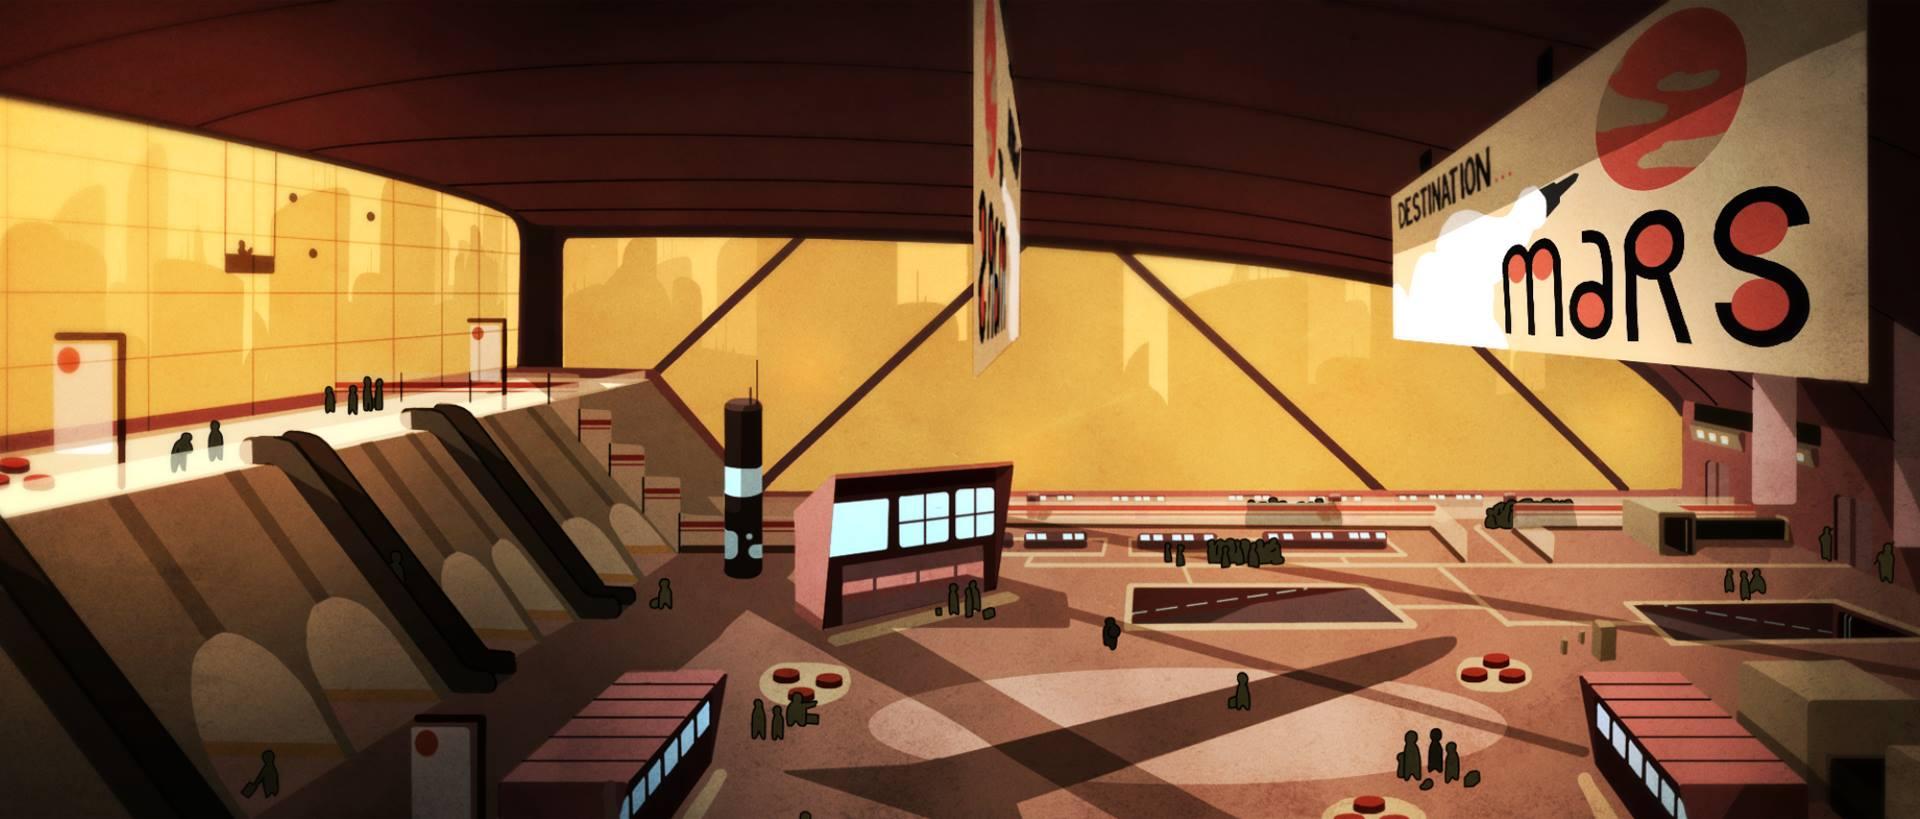 4th Planet MARS_03.jpg